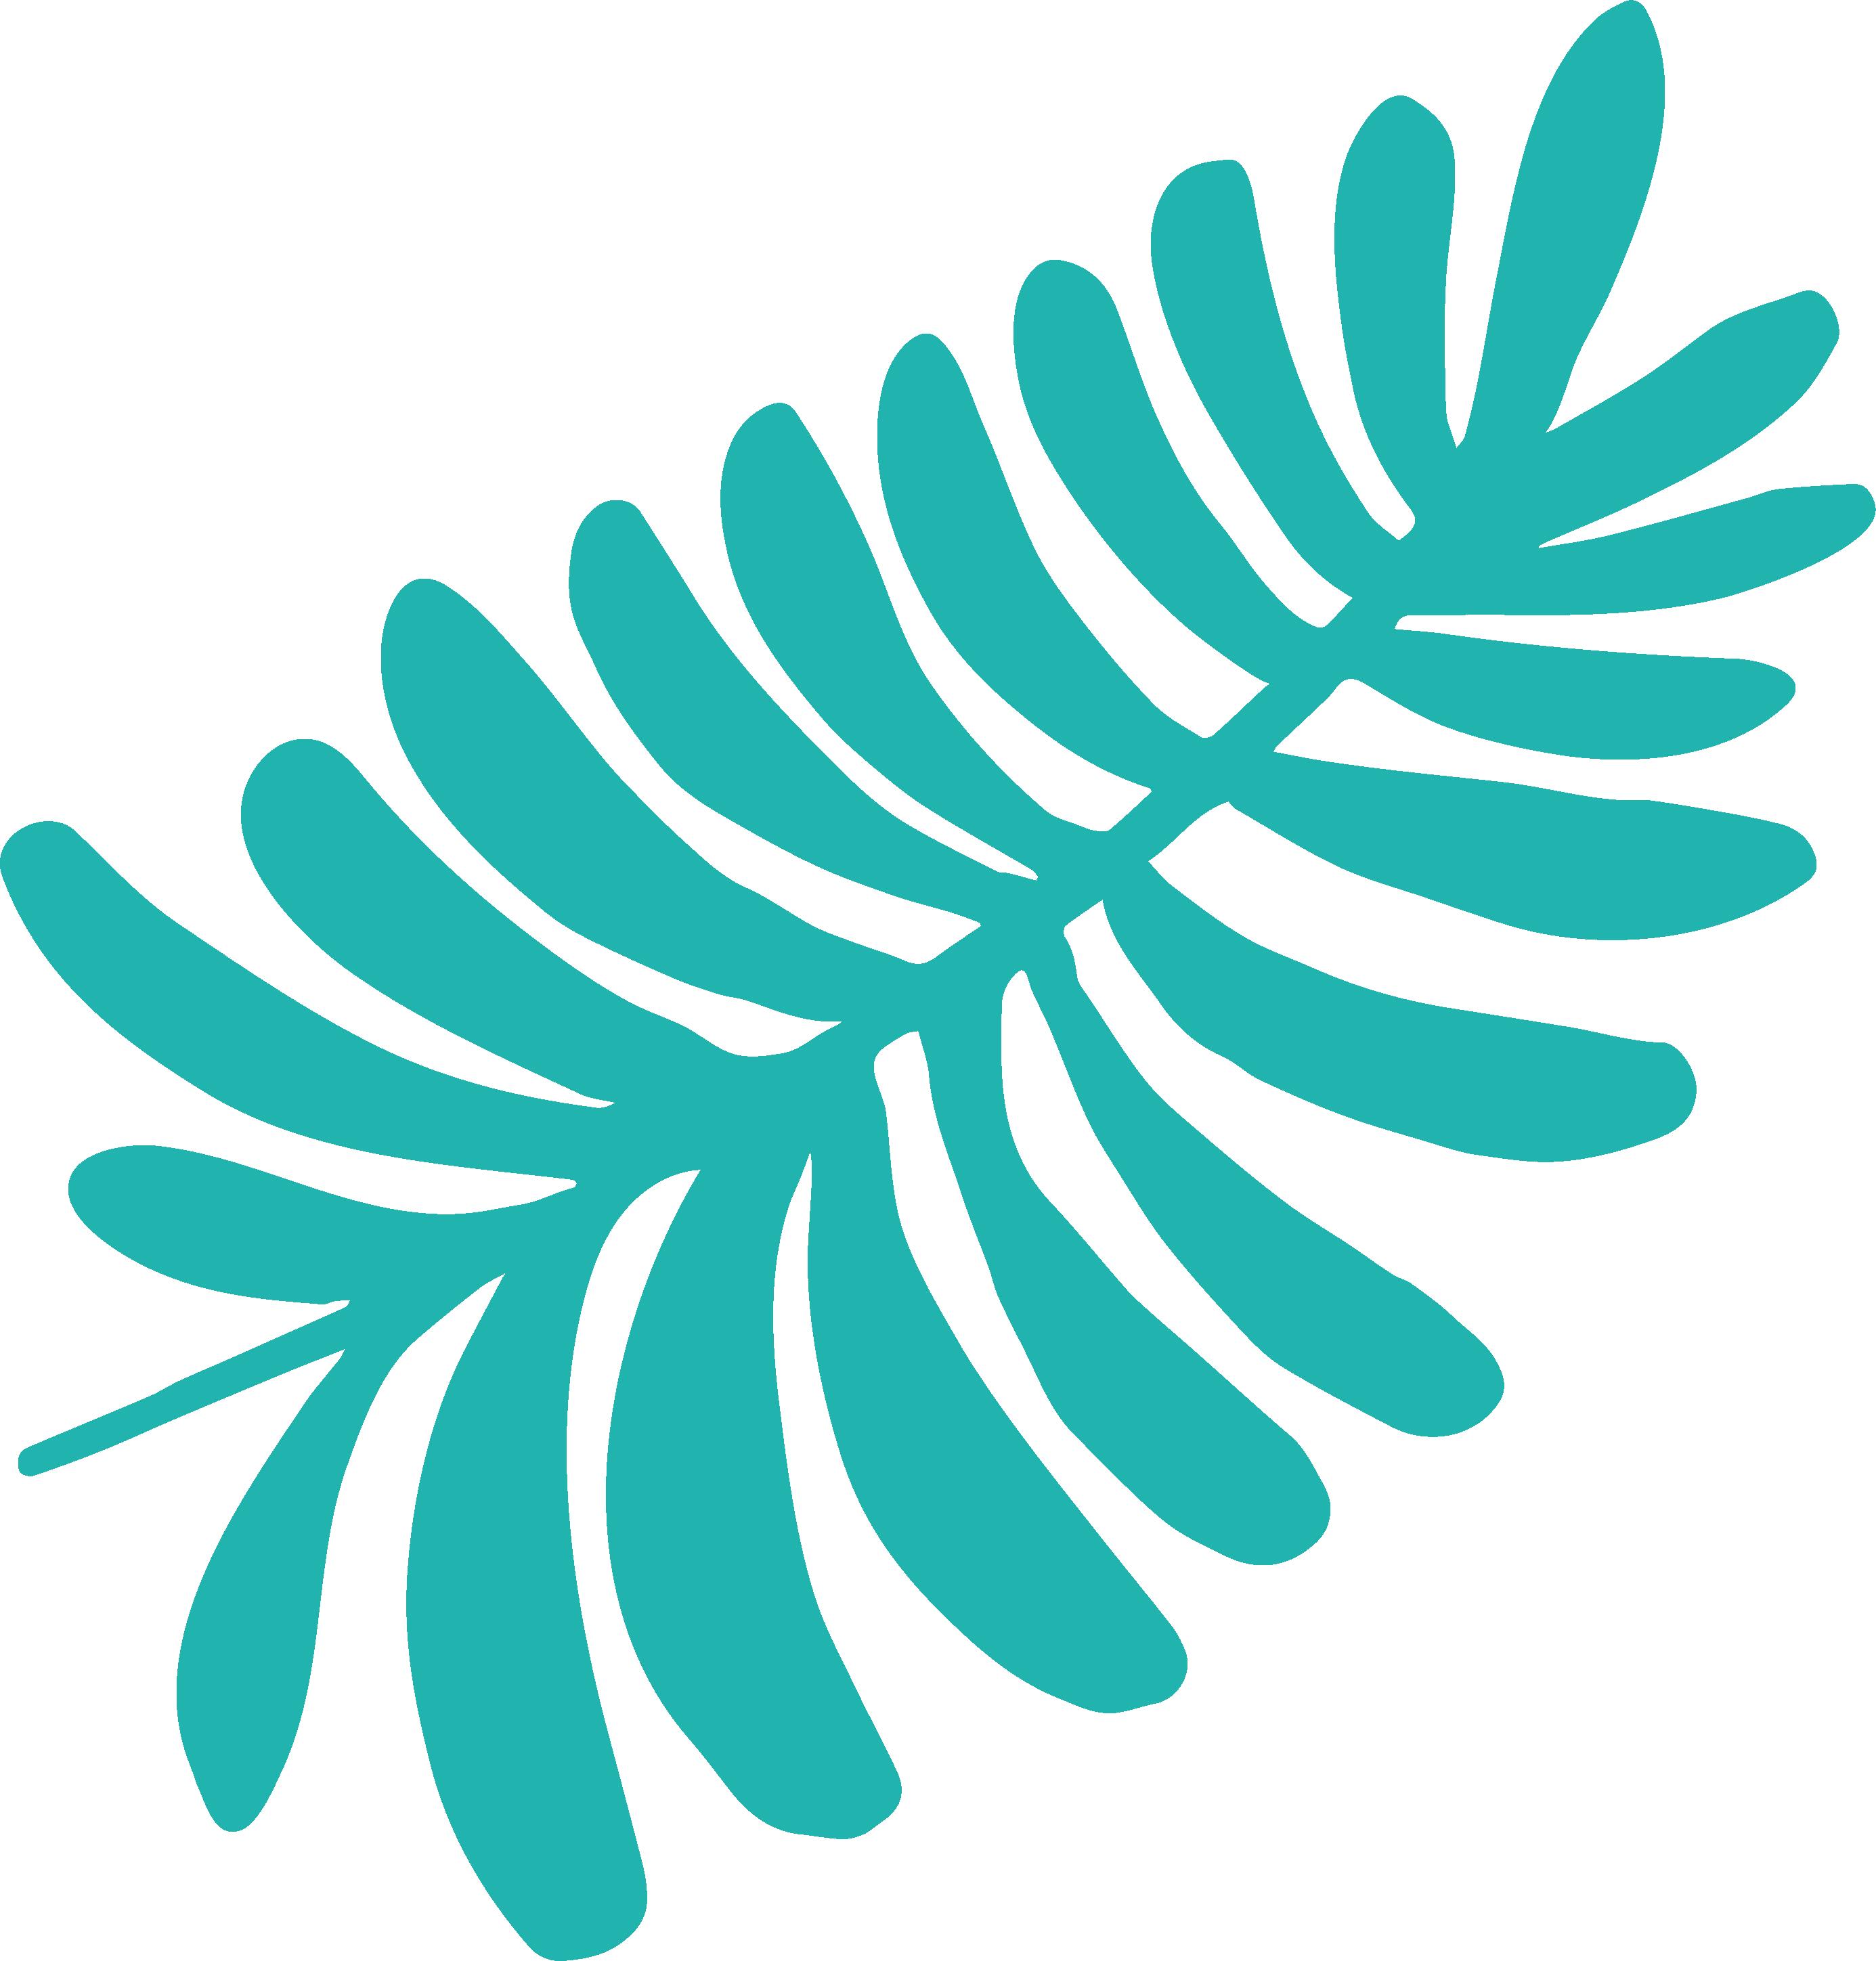 Let's Travel Leaves SVG Cut File